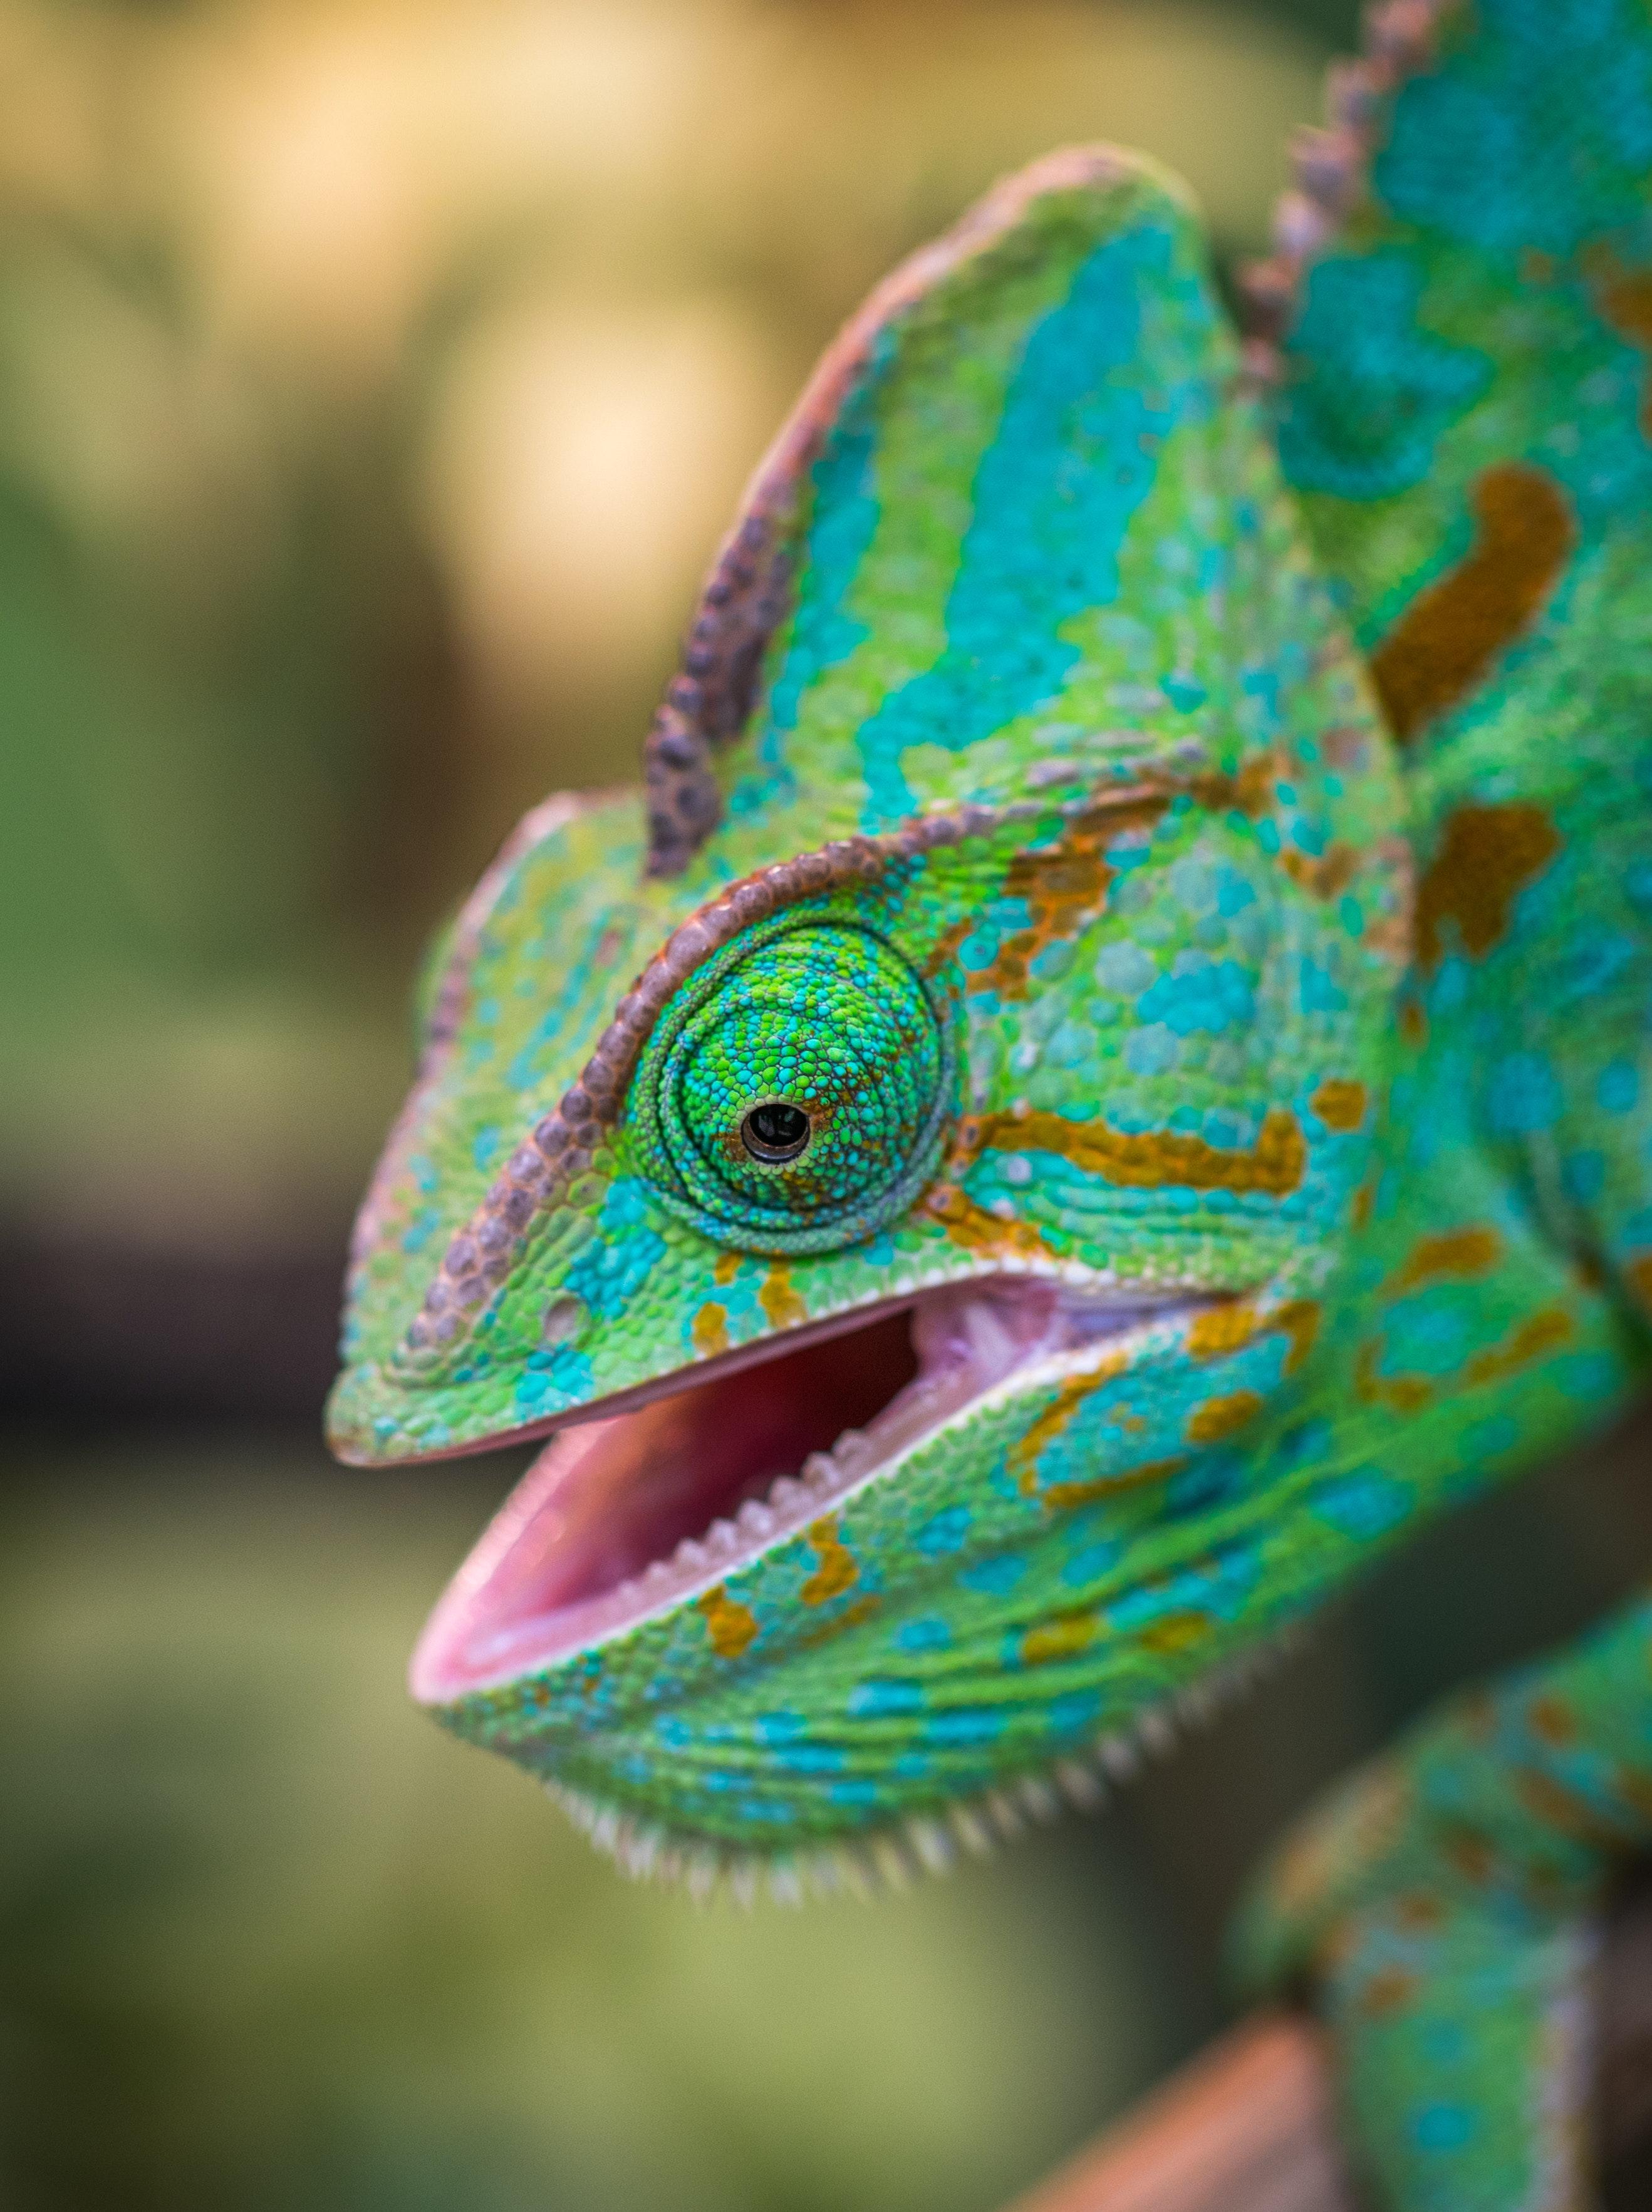 Poze Animal Fundal Neclară Luminos Cameleon Colorat